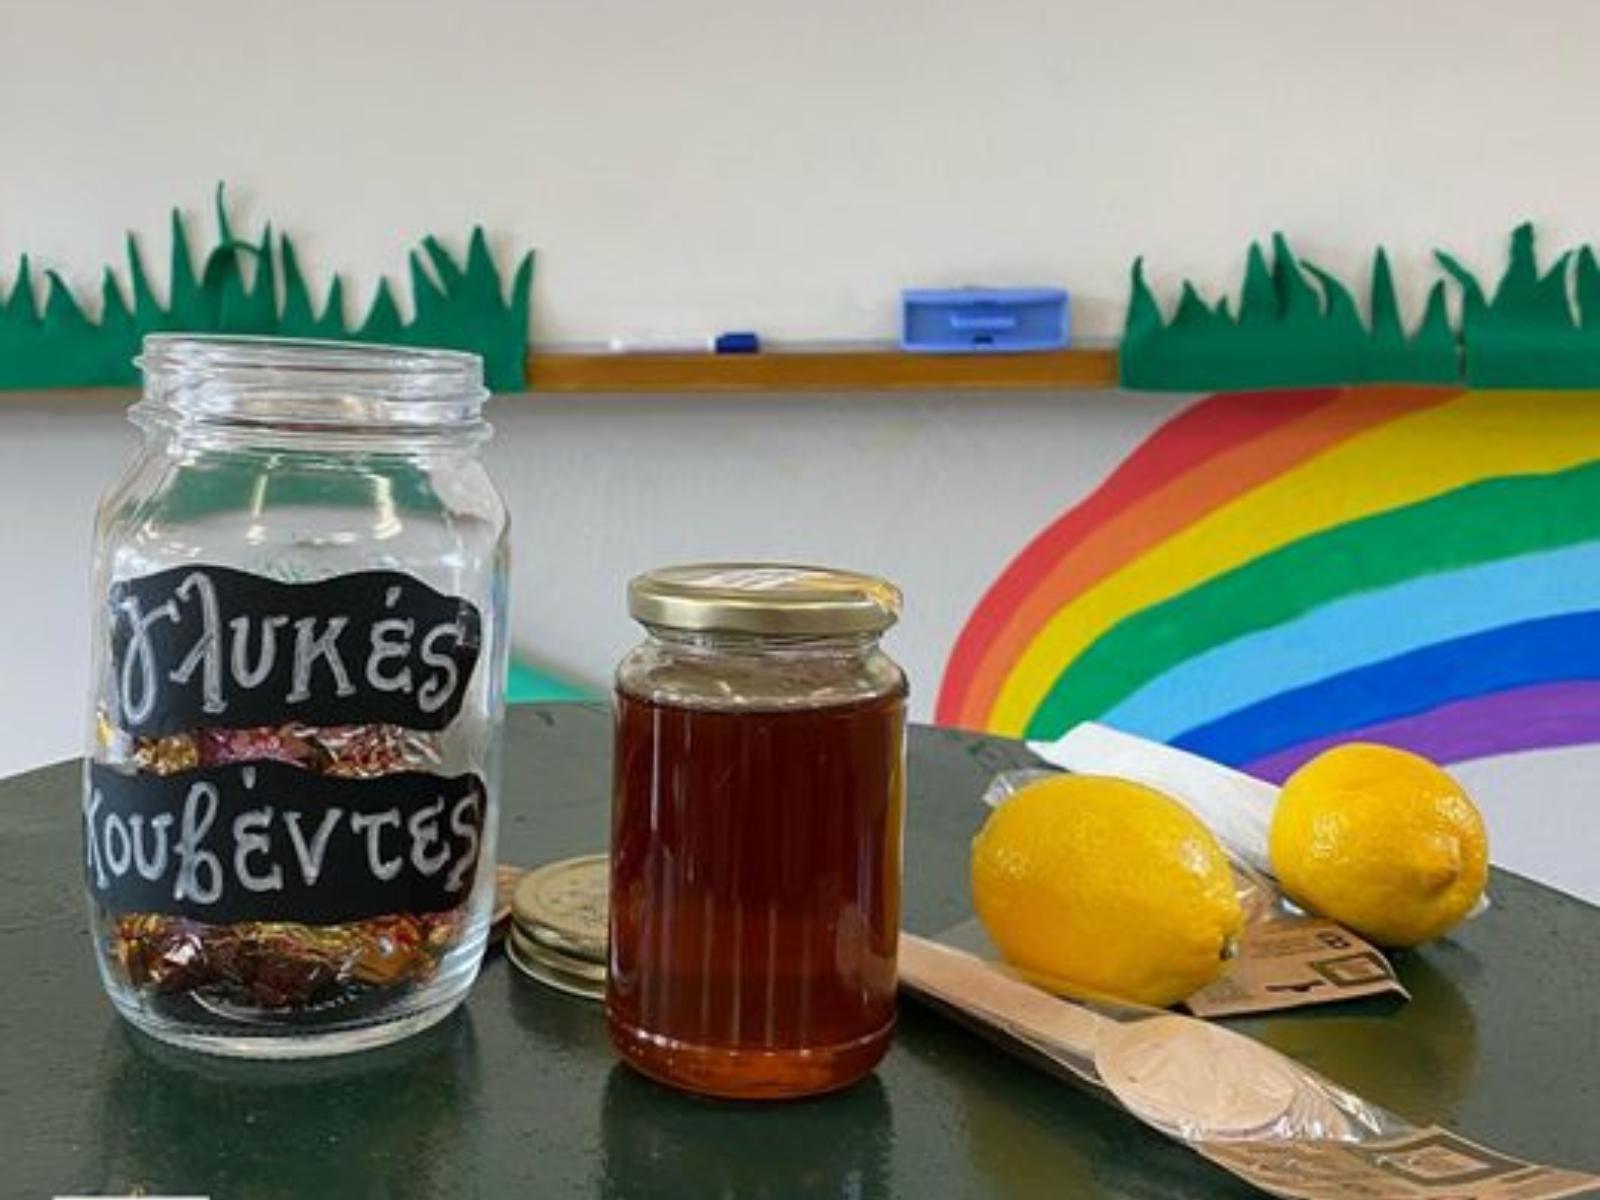 Δάσκαλος-διδάσκει-την-ευγένεια-με-λεμόνια-σοκολατάκια-και-μέλι-